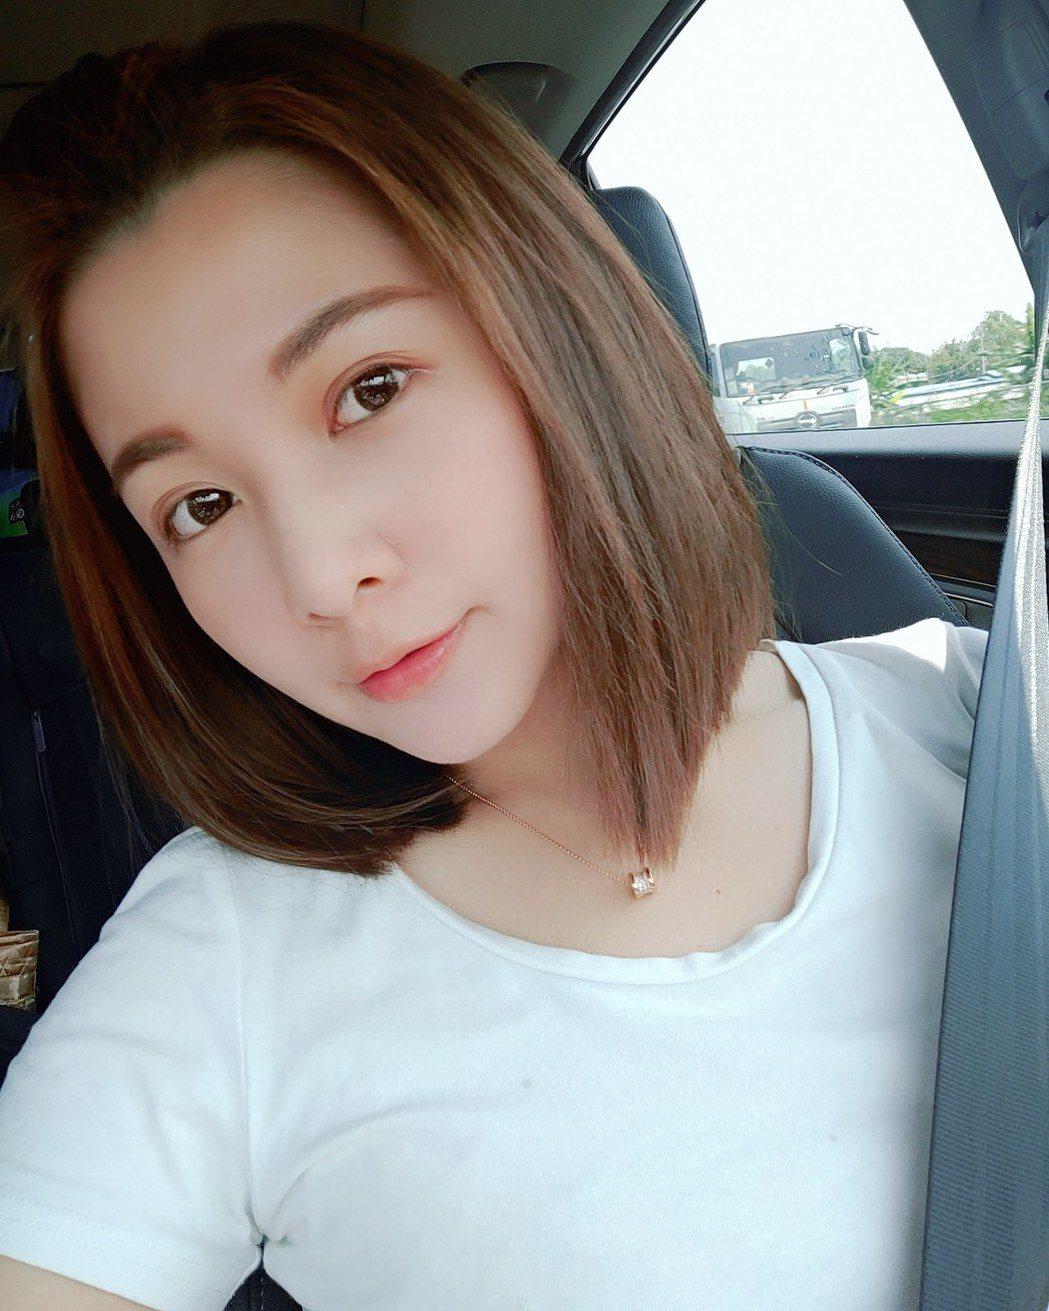 謝京穎最近為戲剪去留了8年的長髮,俏麗模樣受好評。圖/民視提供